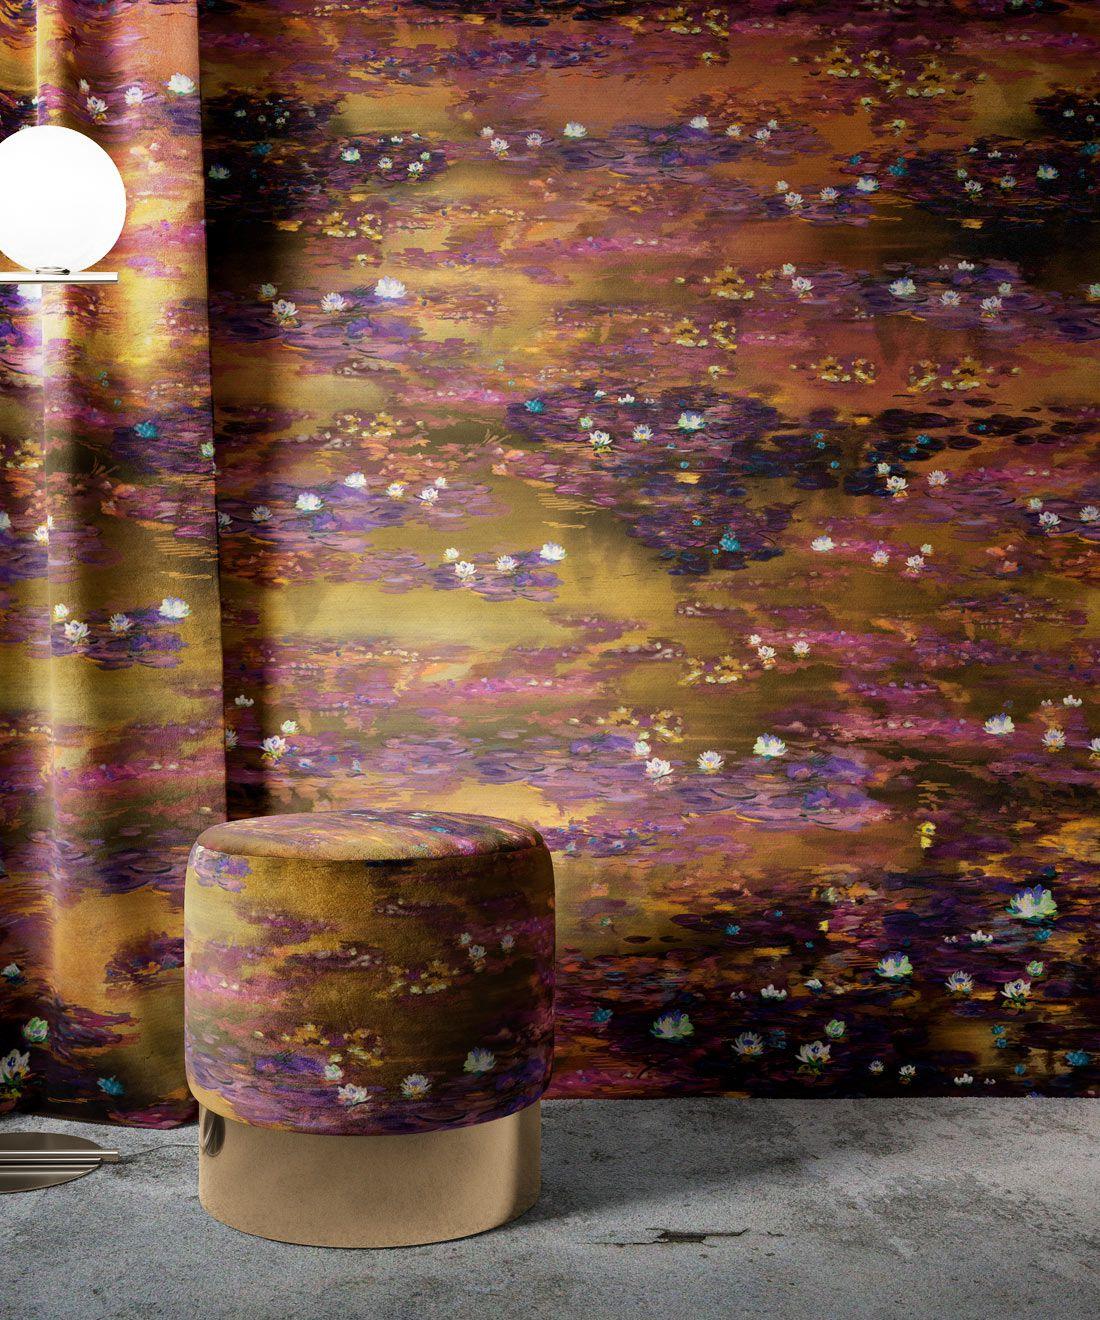 Water Lillies Wallpaper •Abstract Wallpaper • Dreamy Wallpaper • Luminere Wallpaper •Insitu